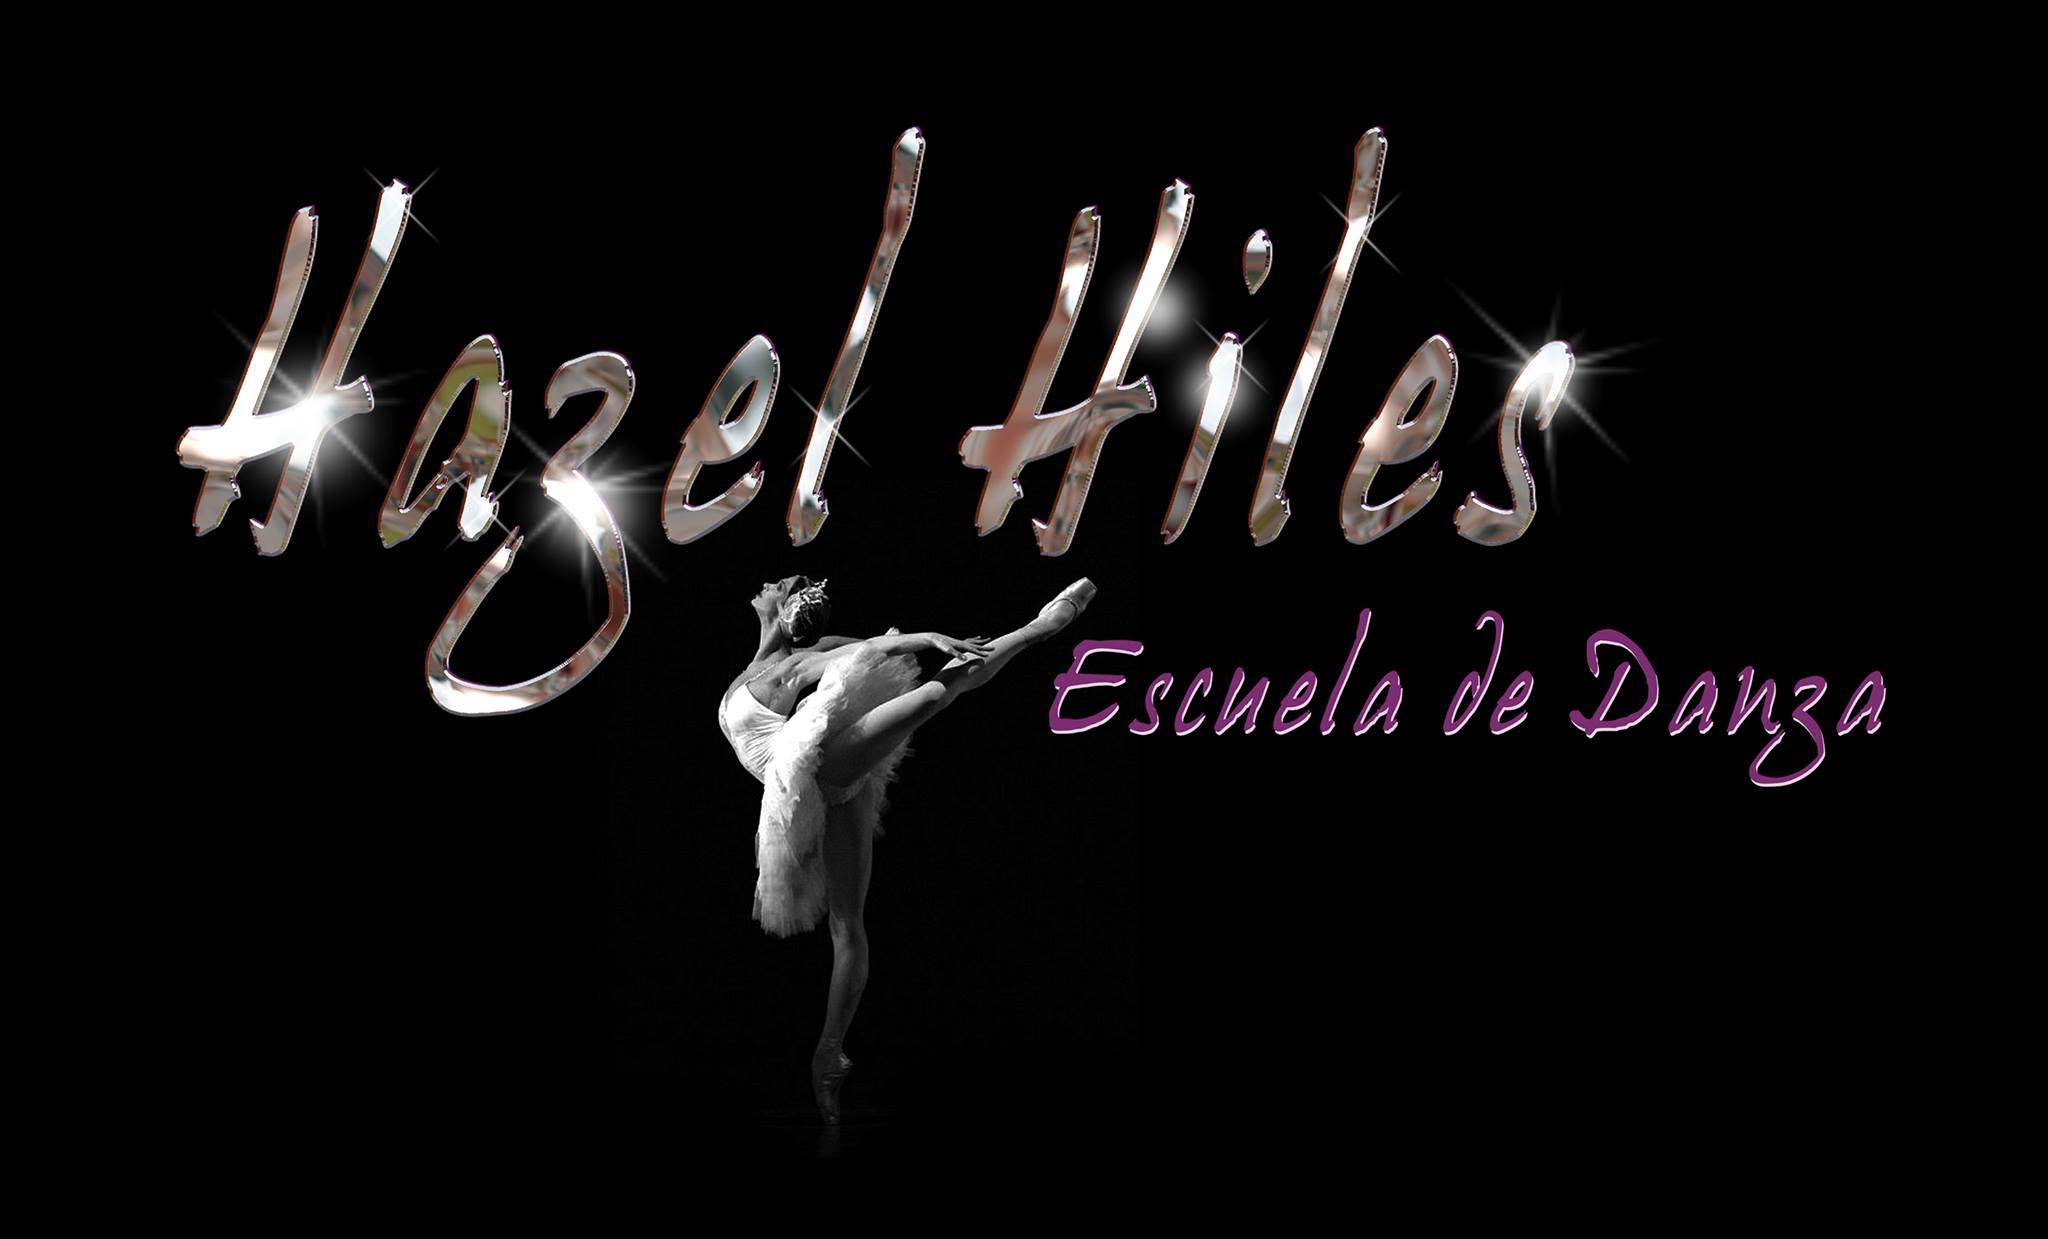 ESCUELA DE DANZA HAZEL HILES